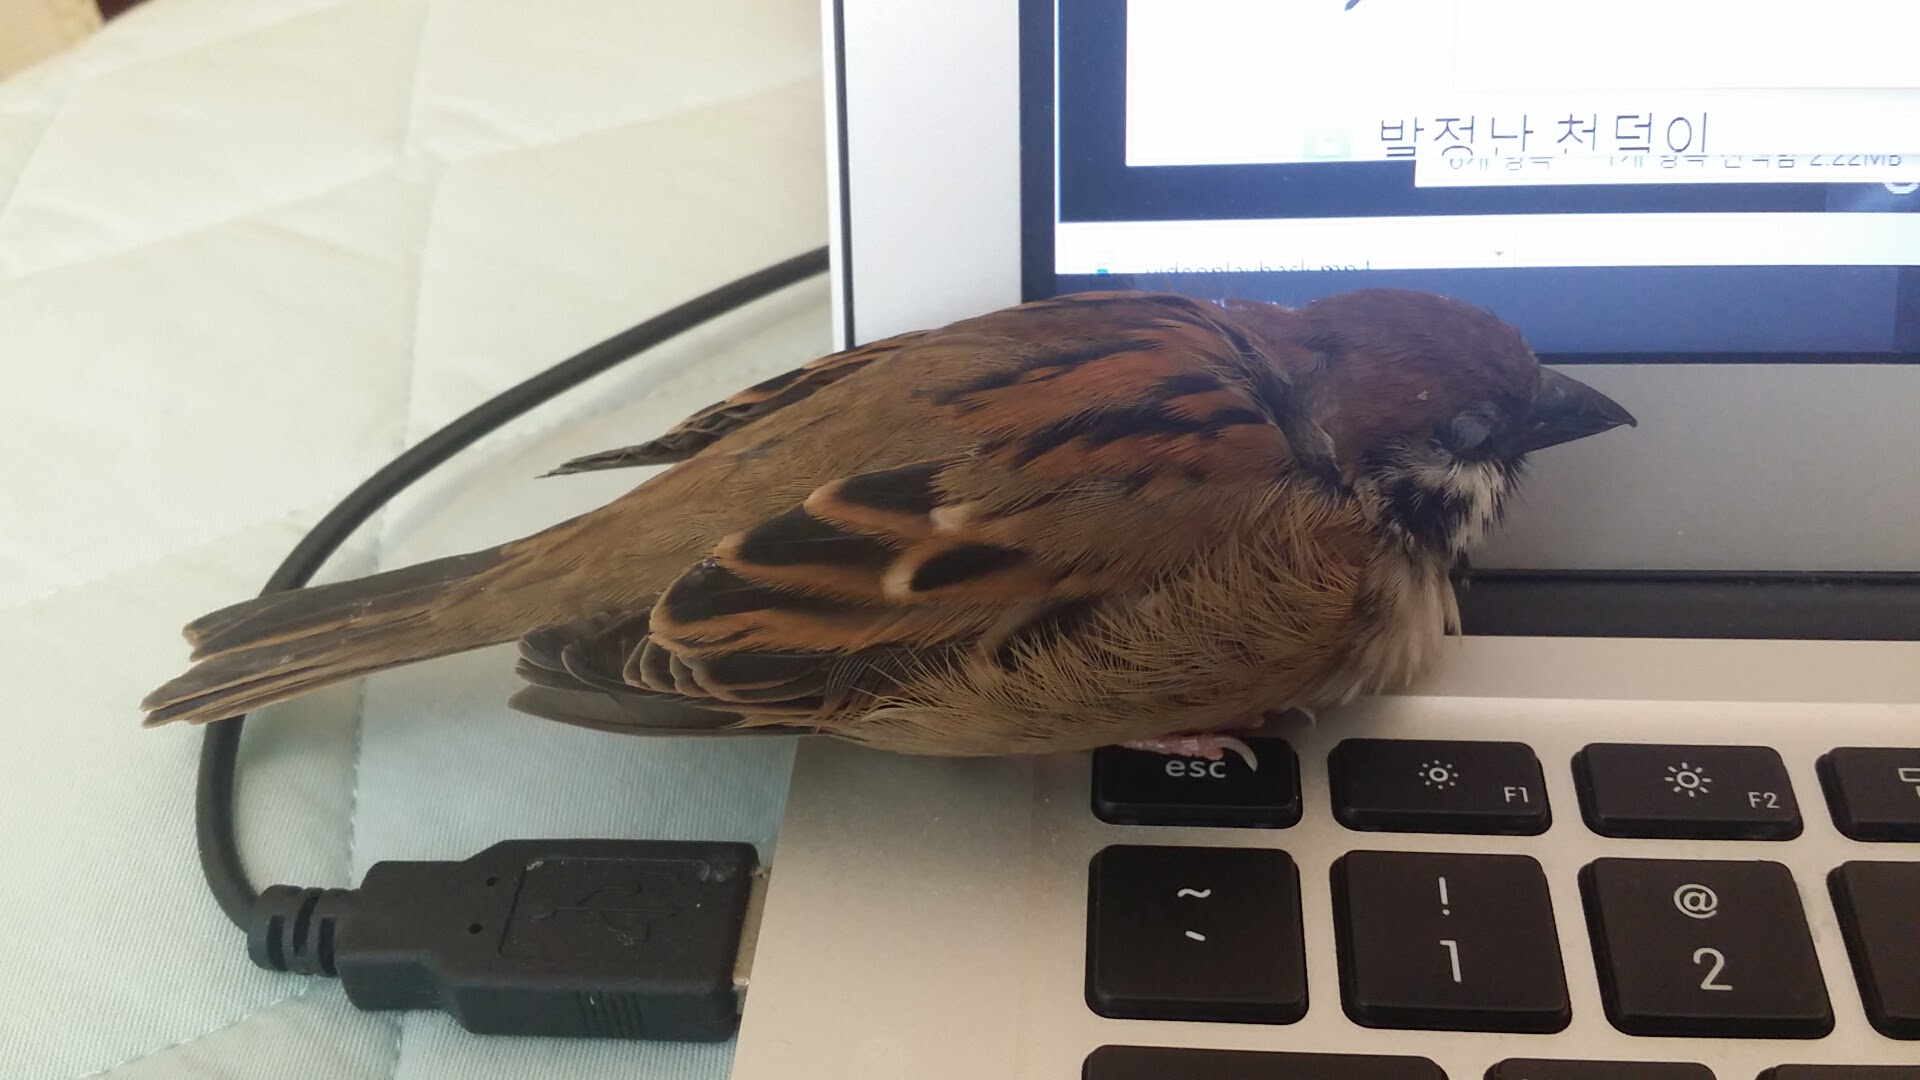 노트북의 탈취 - 나는 참새에게 침공당했다